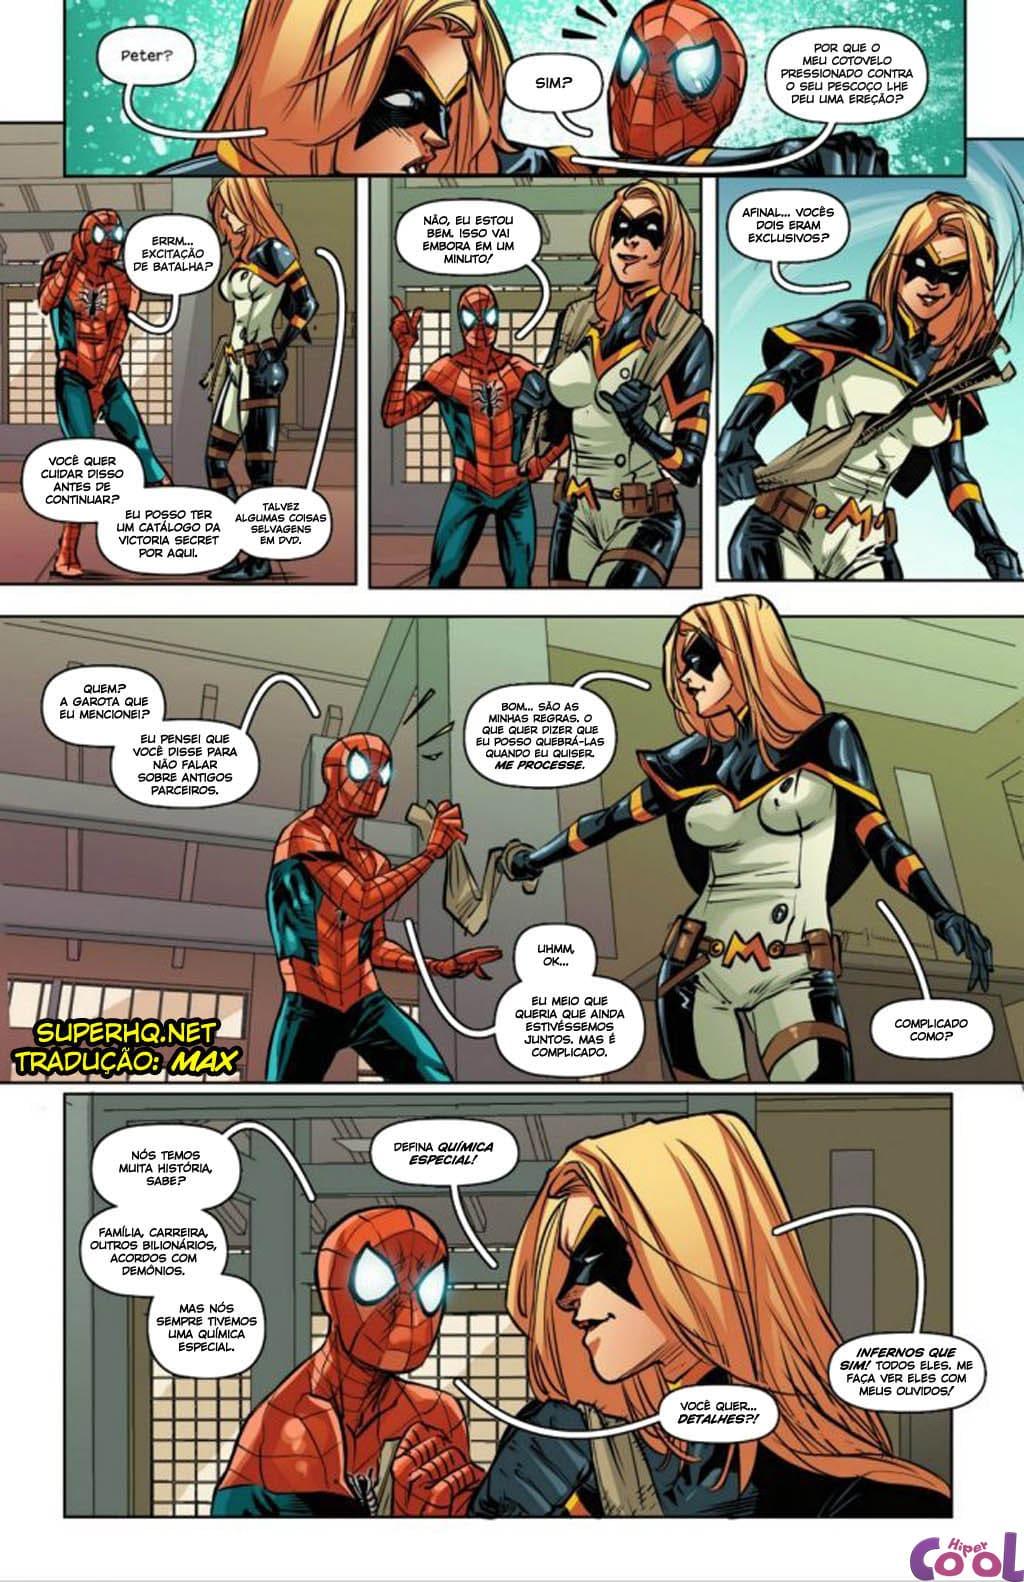 Homem-Aranha-fode-todas-as-gostosas-4